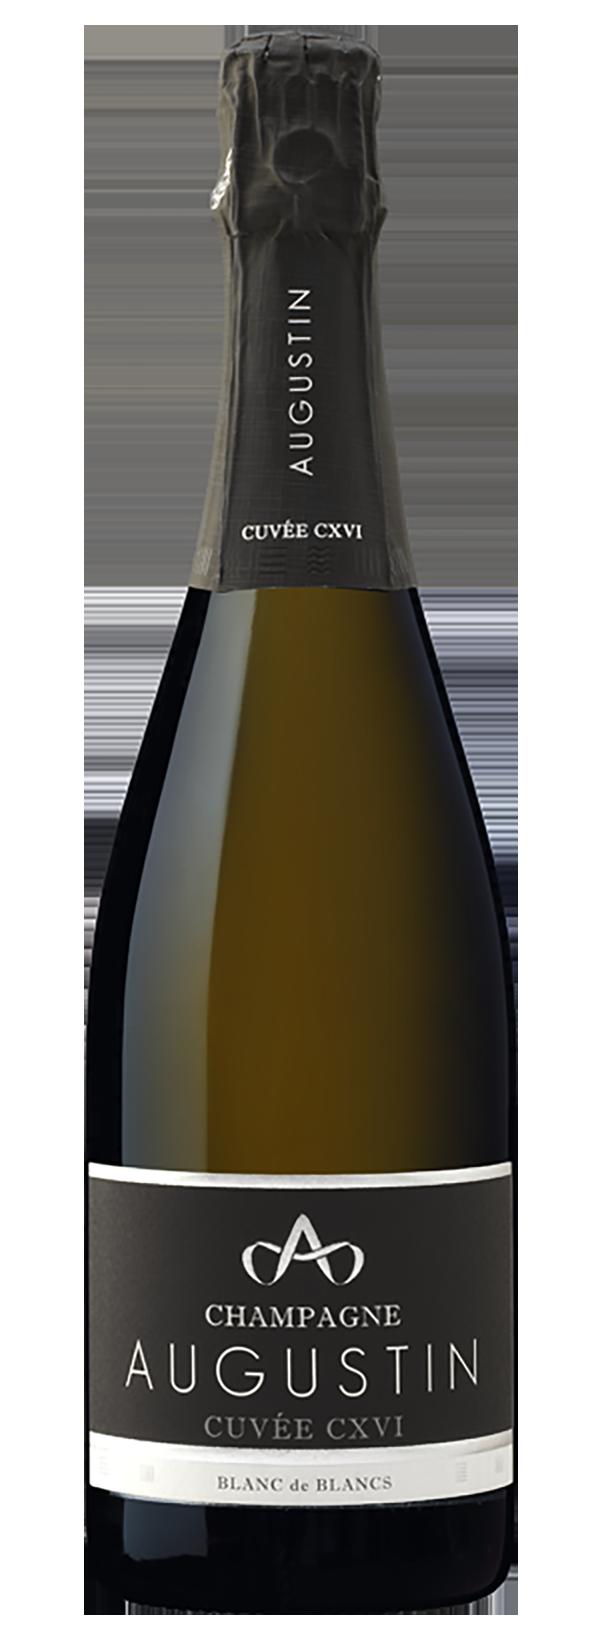 Cuvee Cxvi No Sulfite Chardonnay Blanc De Blancs